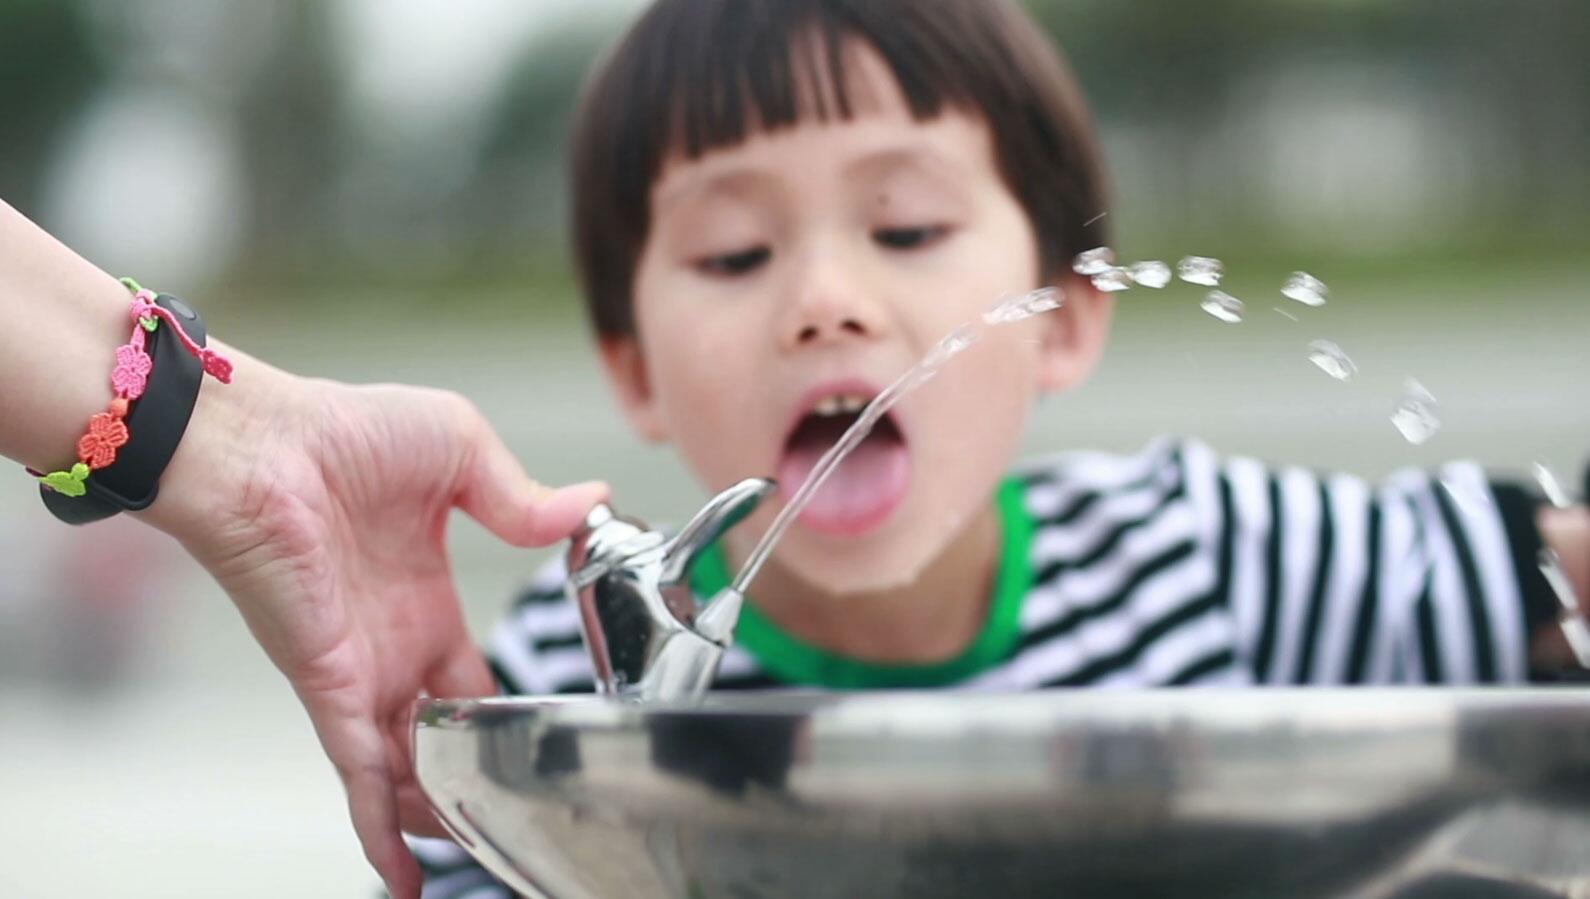 Bild zu Trinkwasser, Trinkbrunnen, Kind